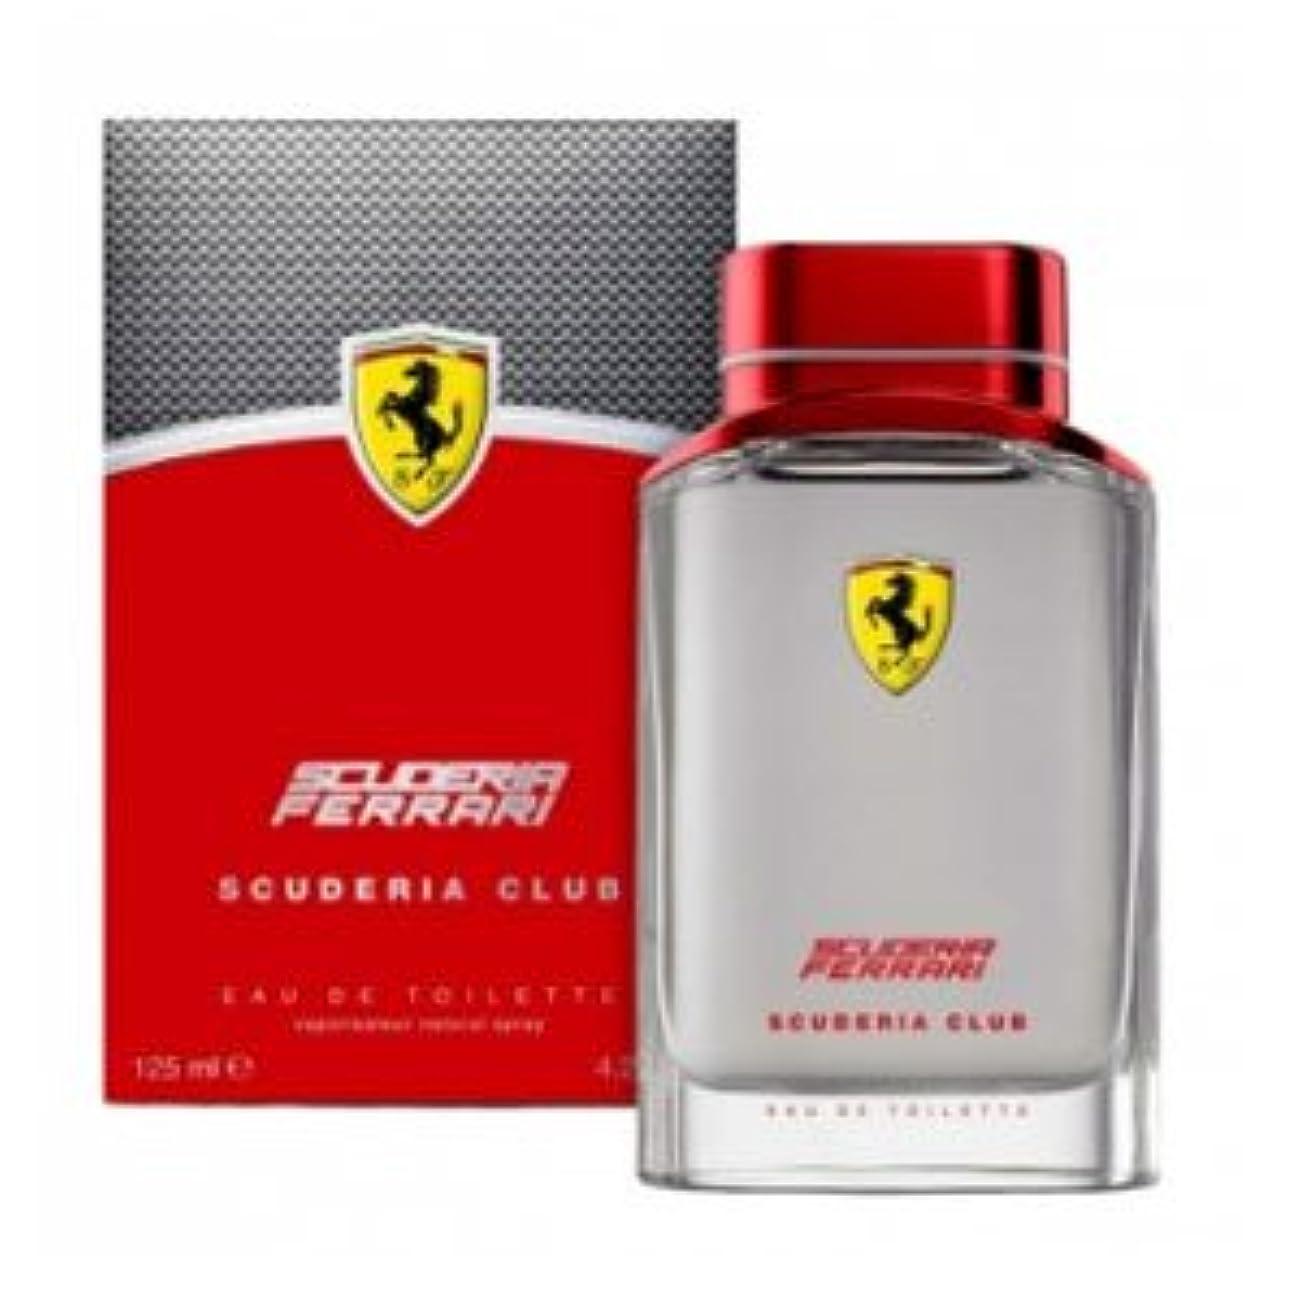 インシュレータびっくりする概してFerrari Scuderia Club (フェラーリ セキュデリア クラブ)  4.2 oz (125ml)  EDT Spray by Ferrari for Men